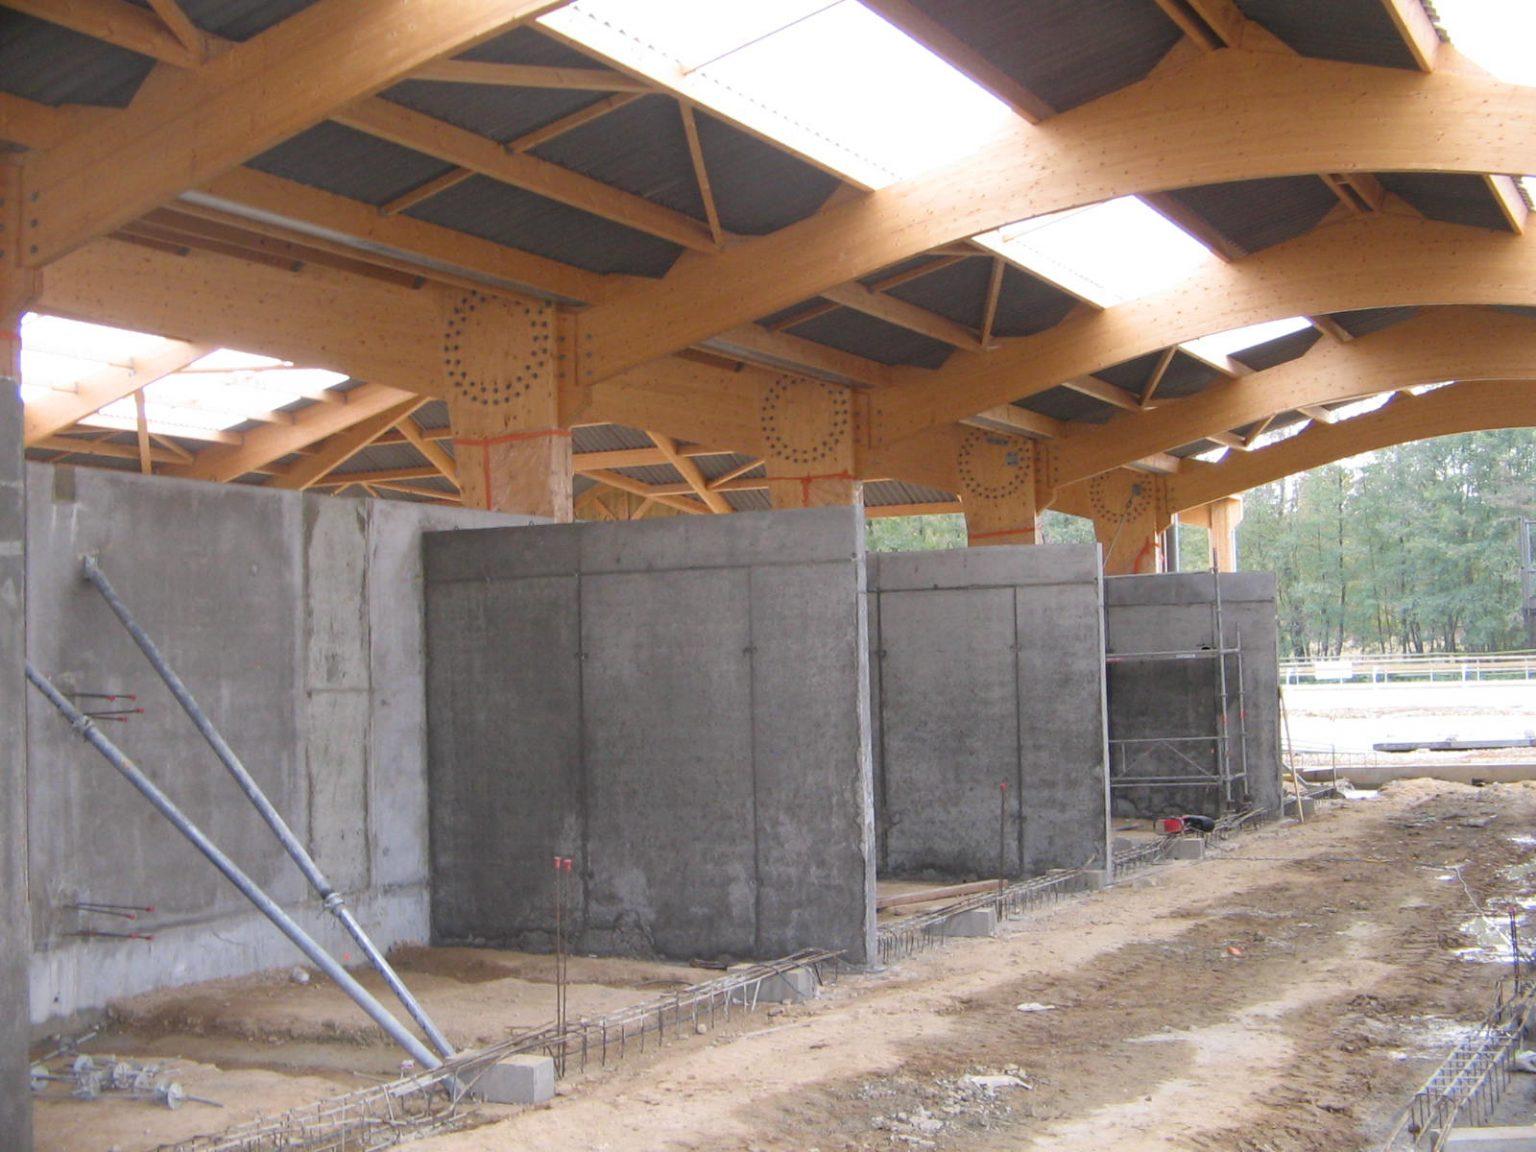 Construction de box chevaux en voiles béton attenants à un manège chevaux